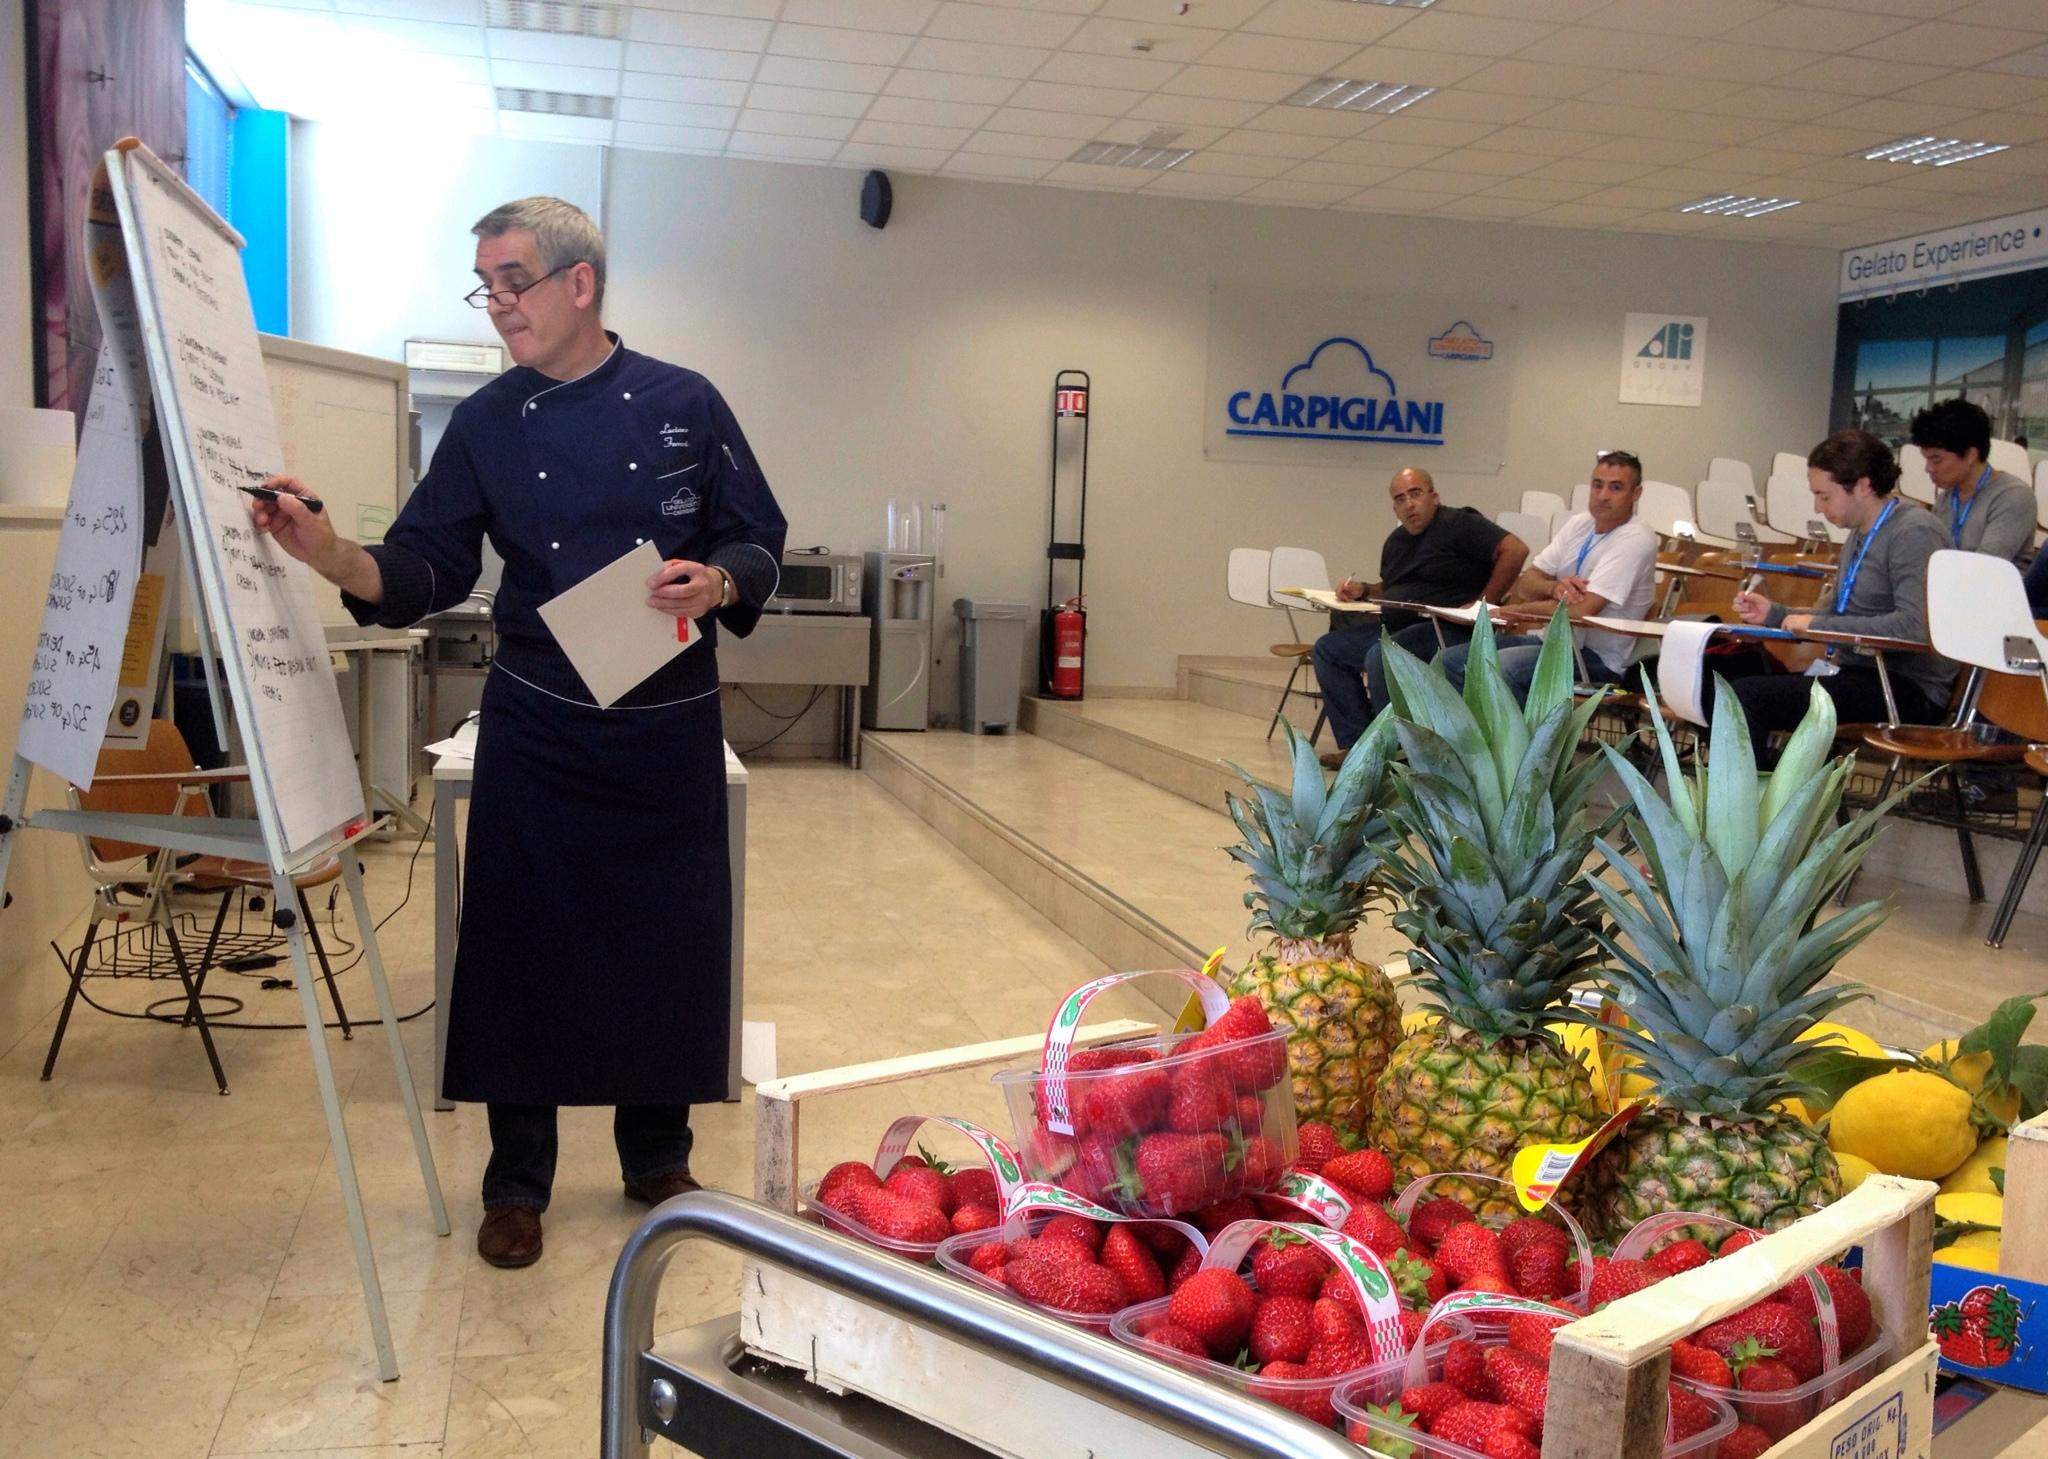 Luciano Ferrari, professor at Gelato University Carpigiani, Bologna Italy